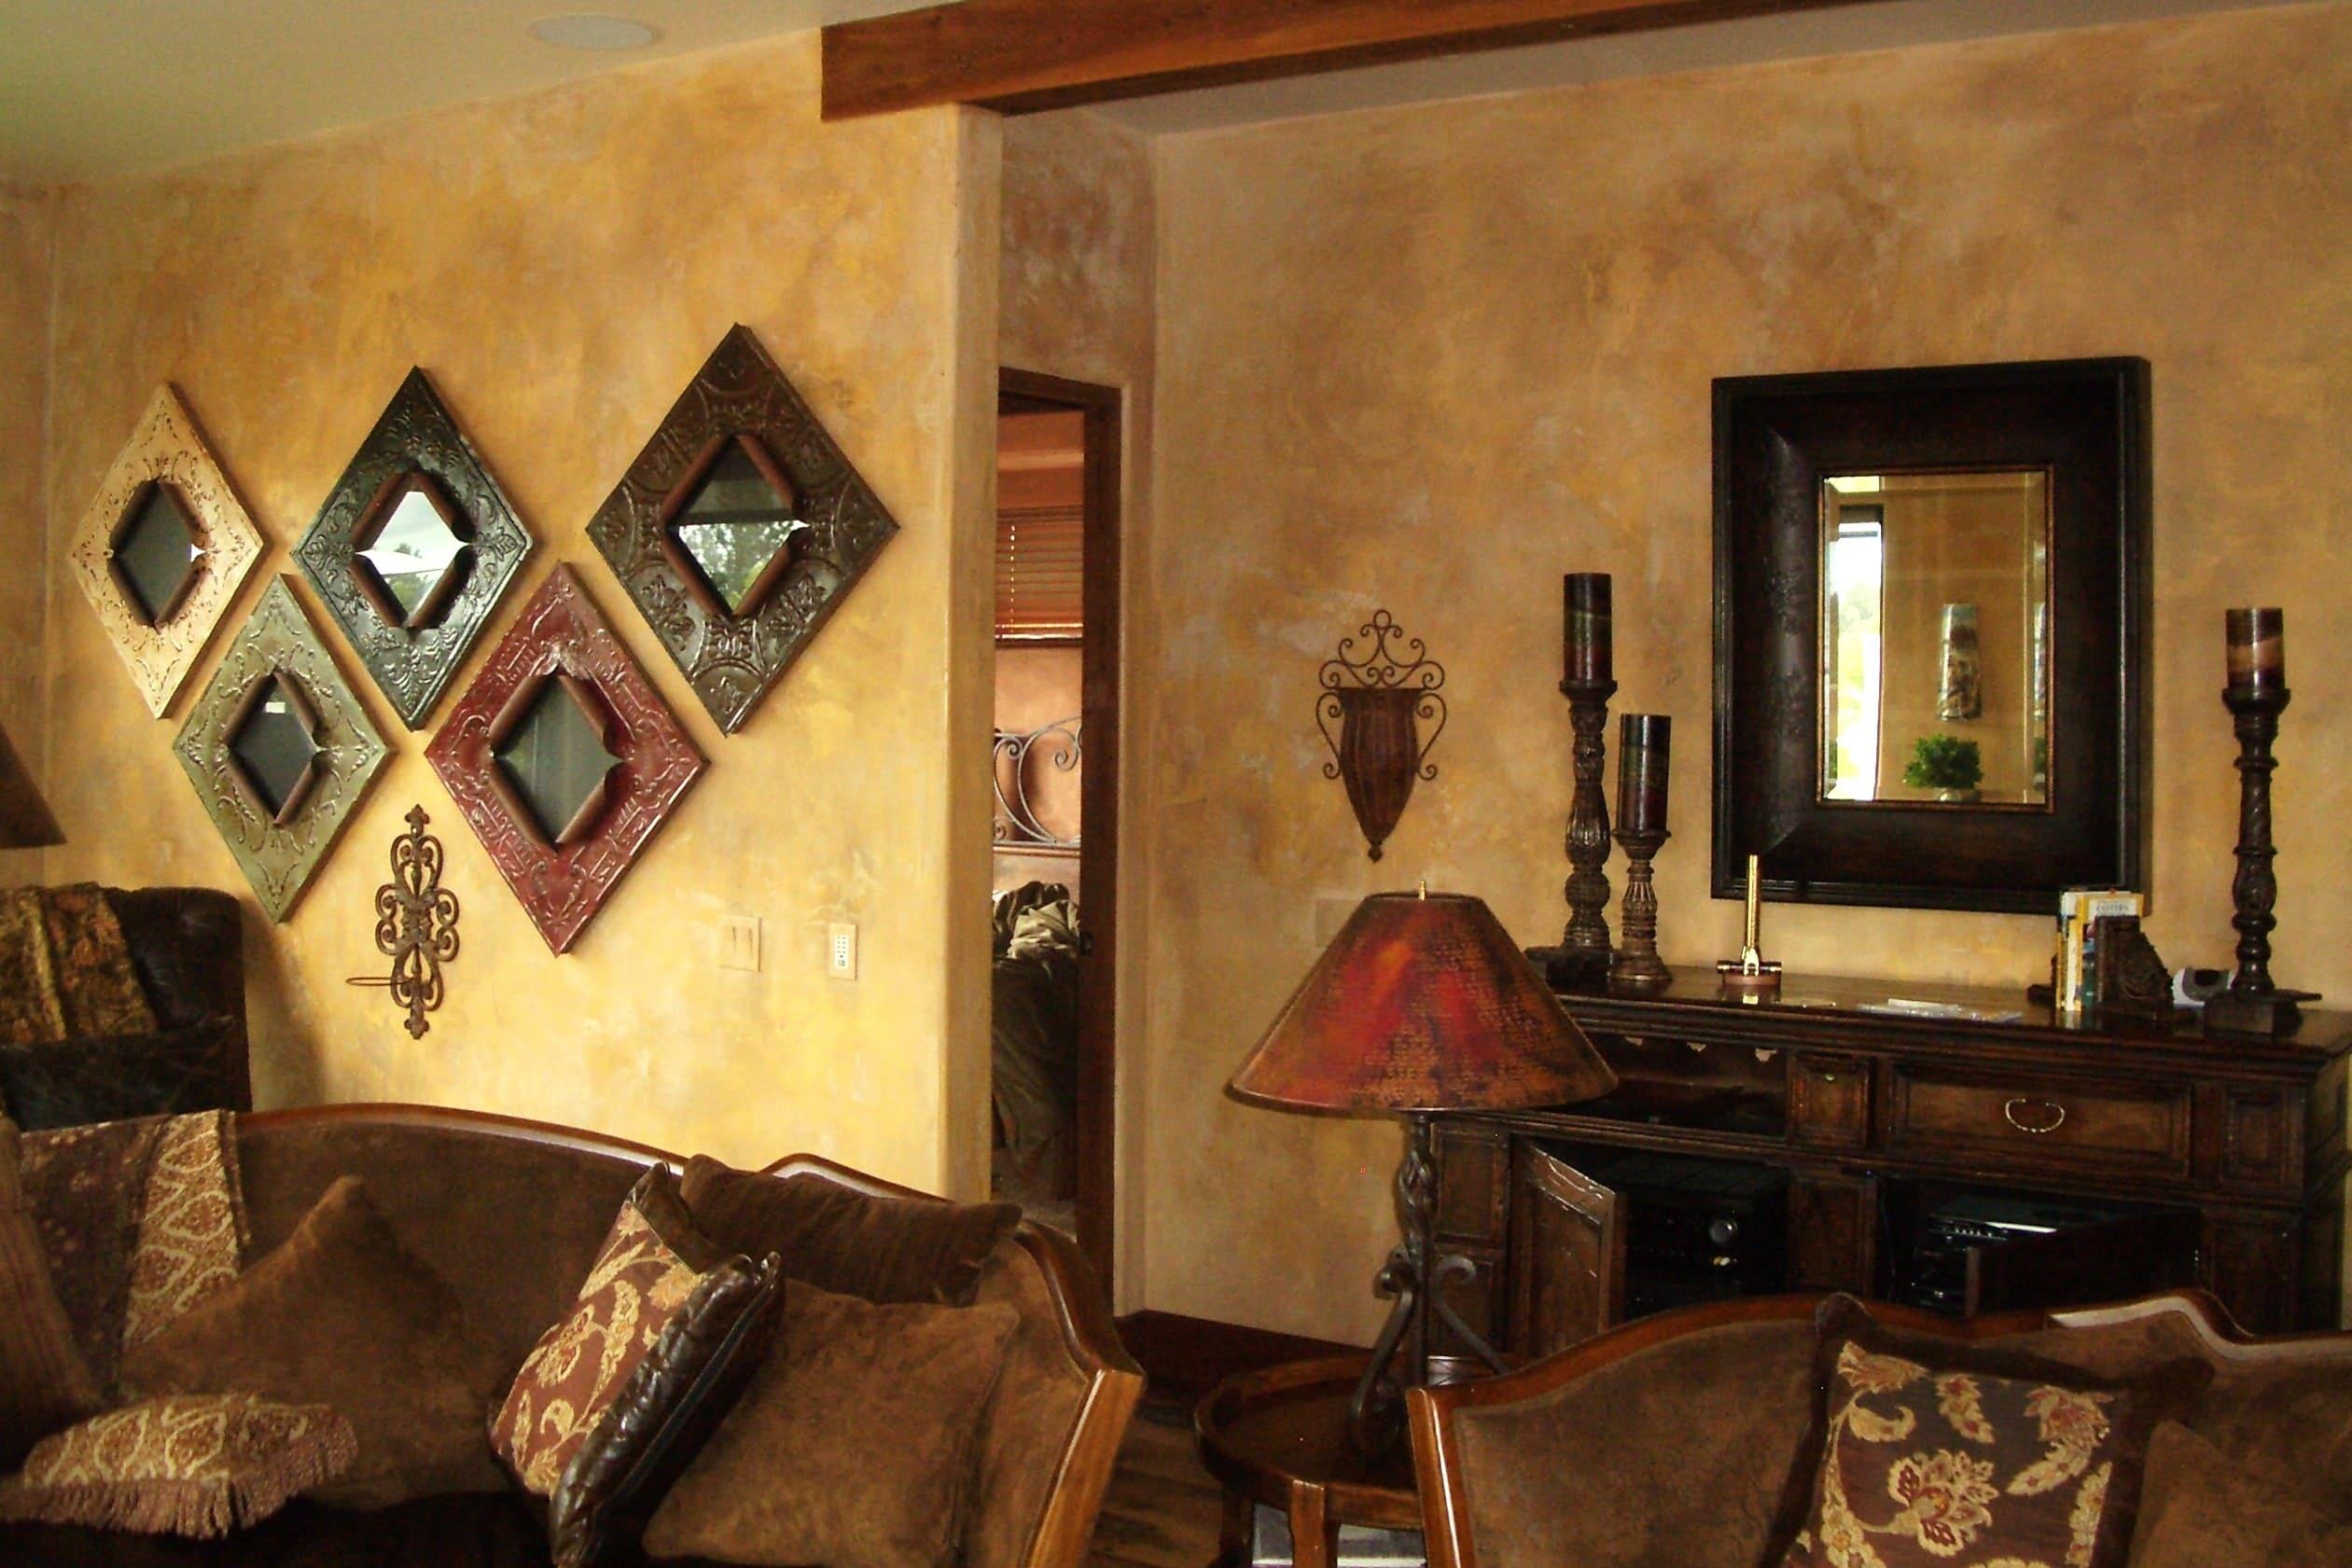 Декоративная штукатурка - лучшие красивые варианты отделки стен в интерьере 011